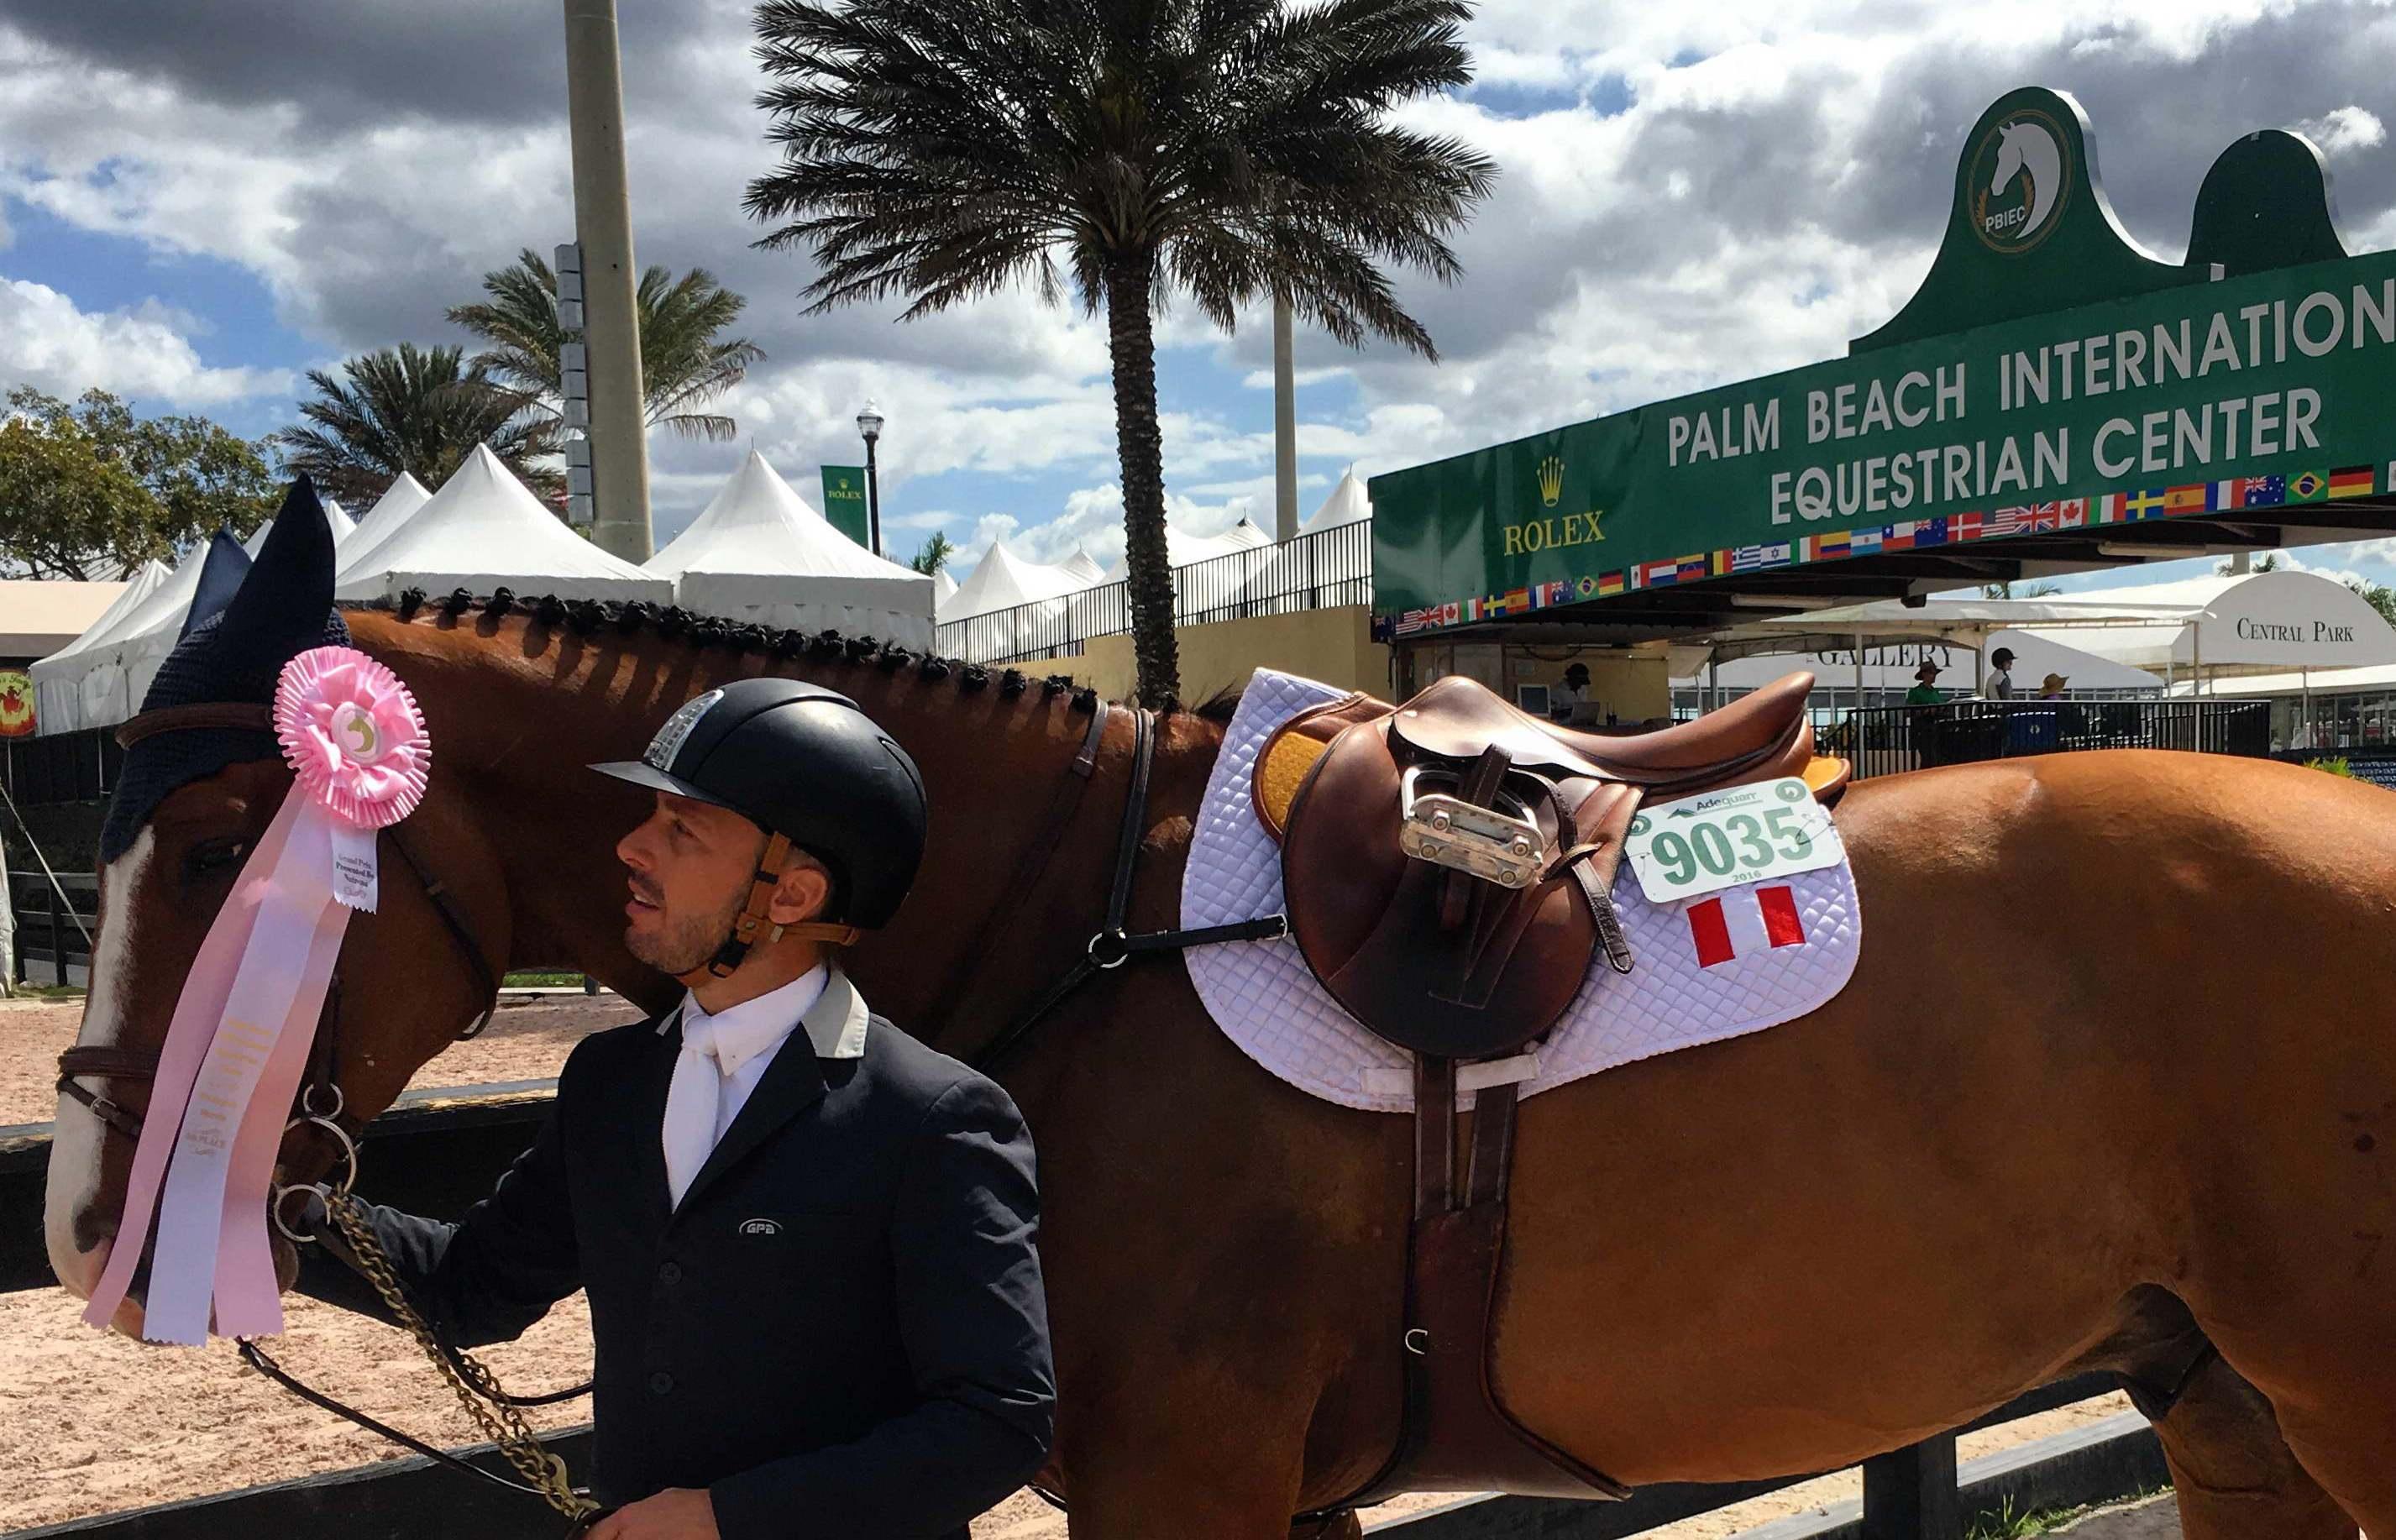 Alonso Valdez piensa cobrarse su revancha de los Juegos Panamericanos en su debut histórico en Rio 2016